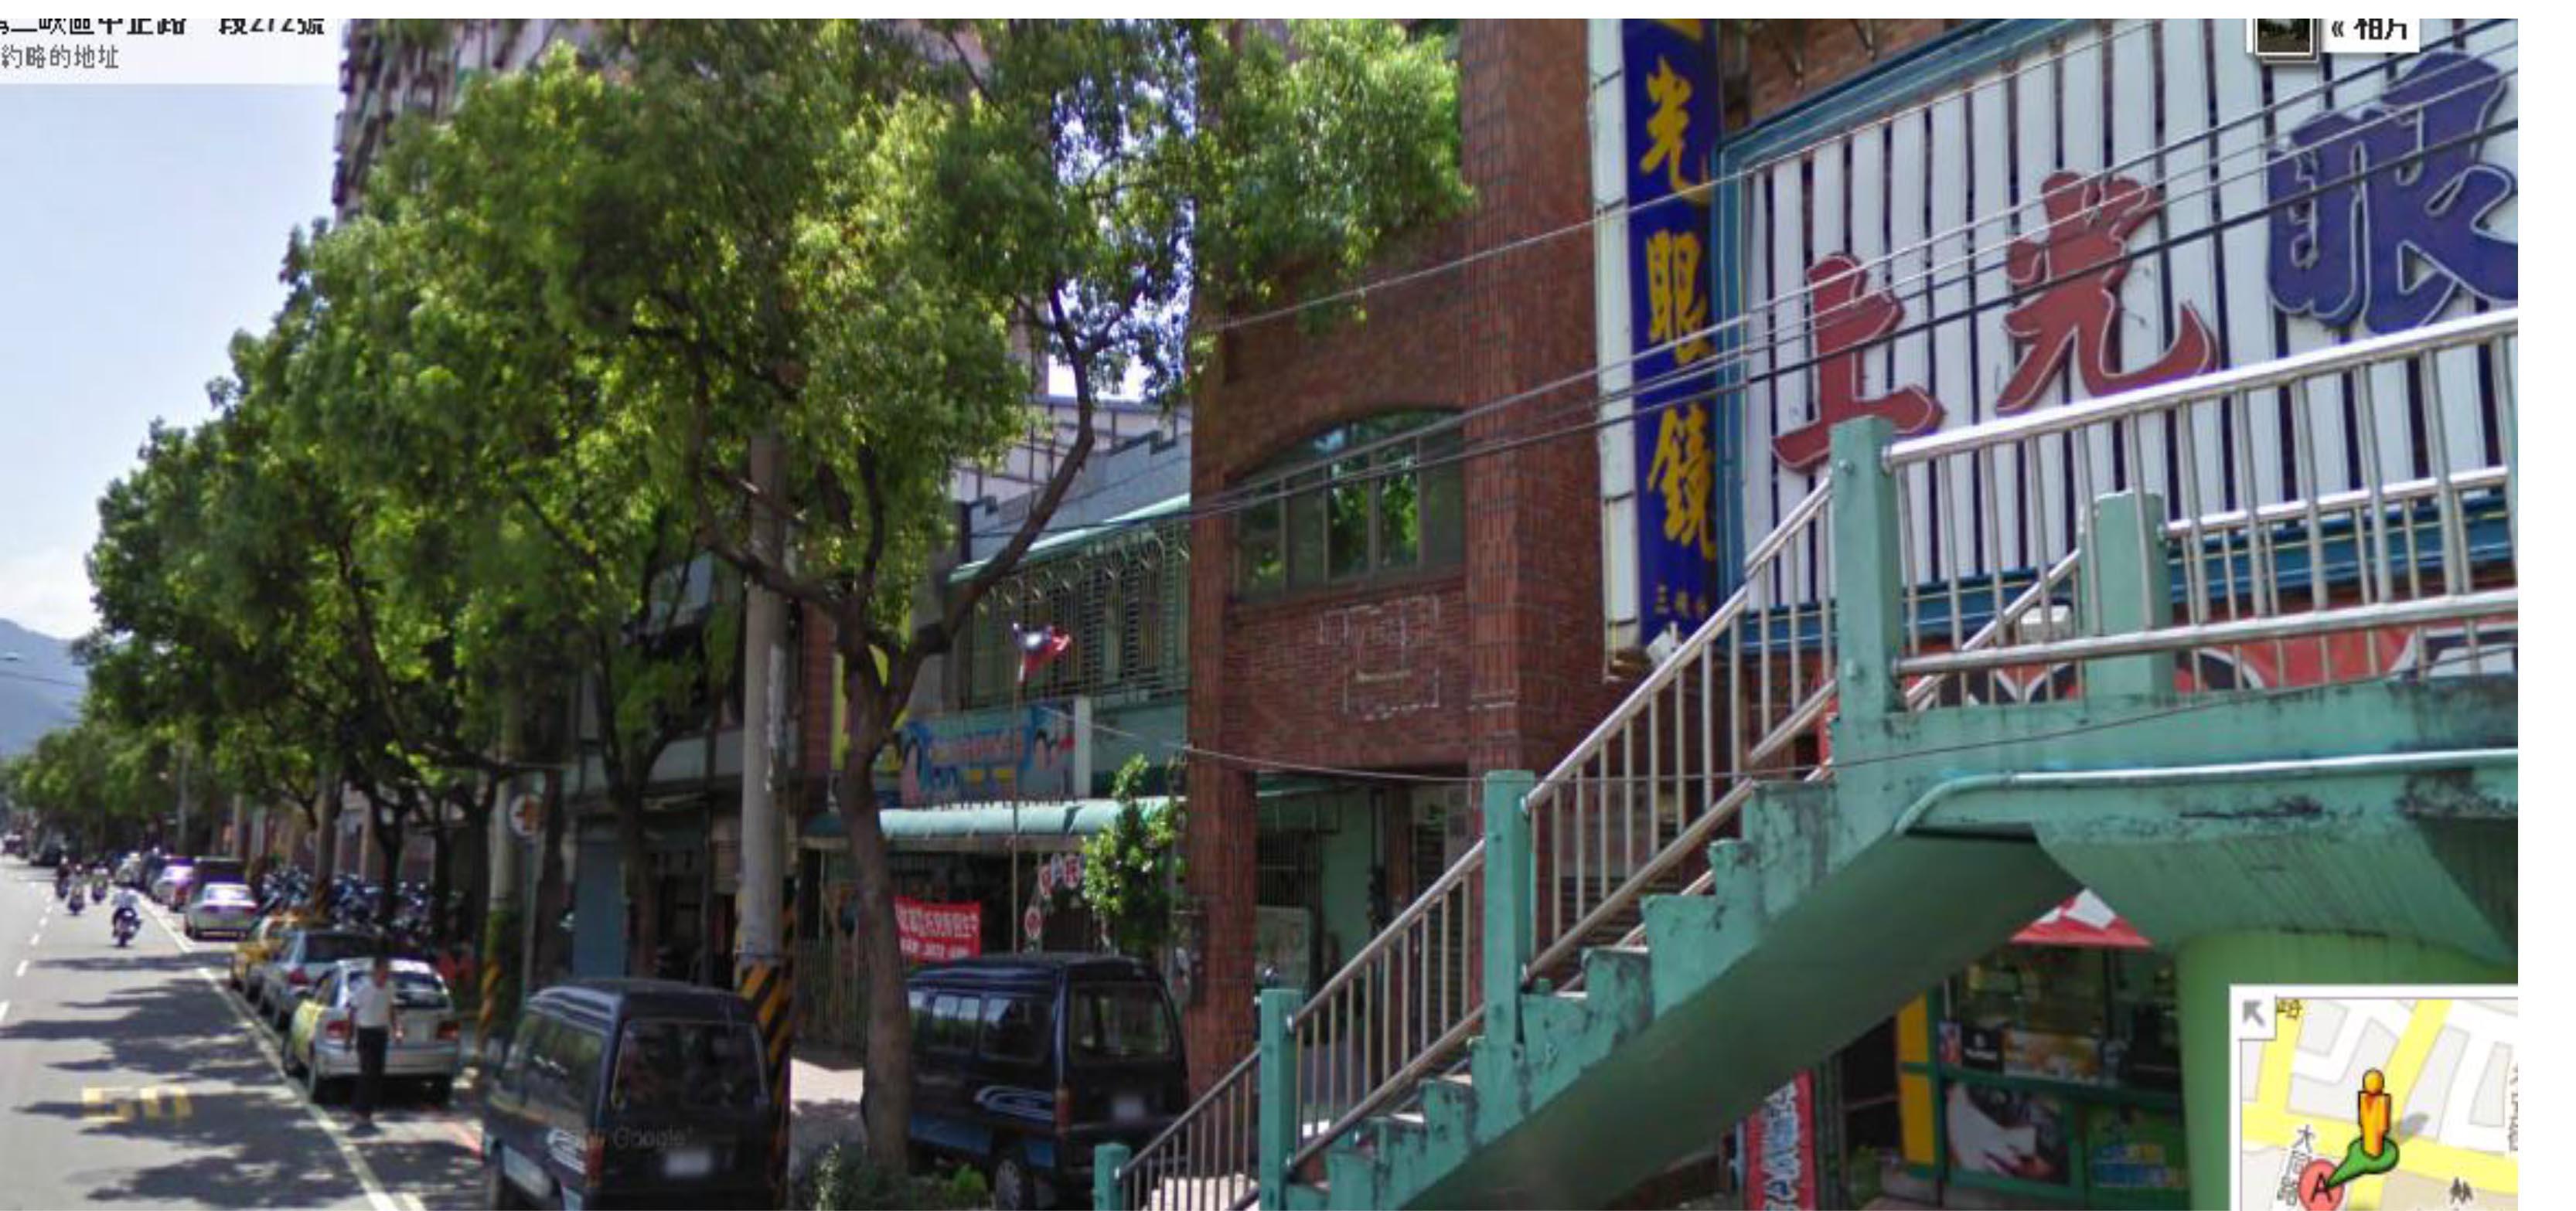 套房-149富貴花開景觀套房-新北市三峽區中正路1段